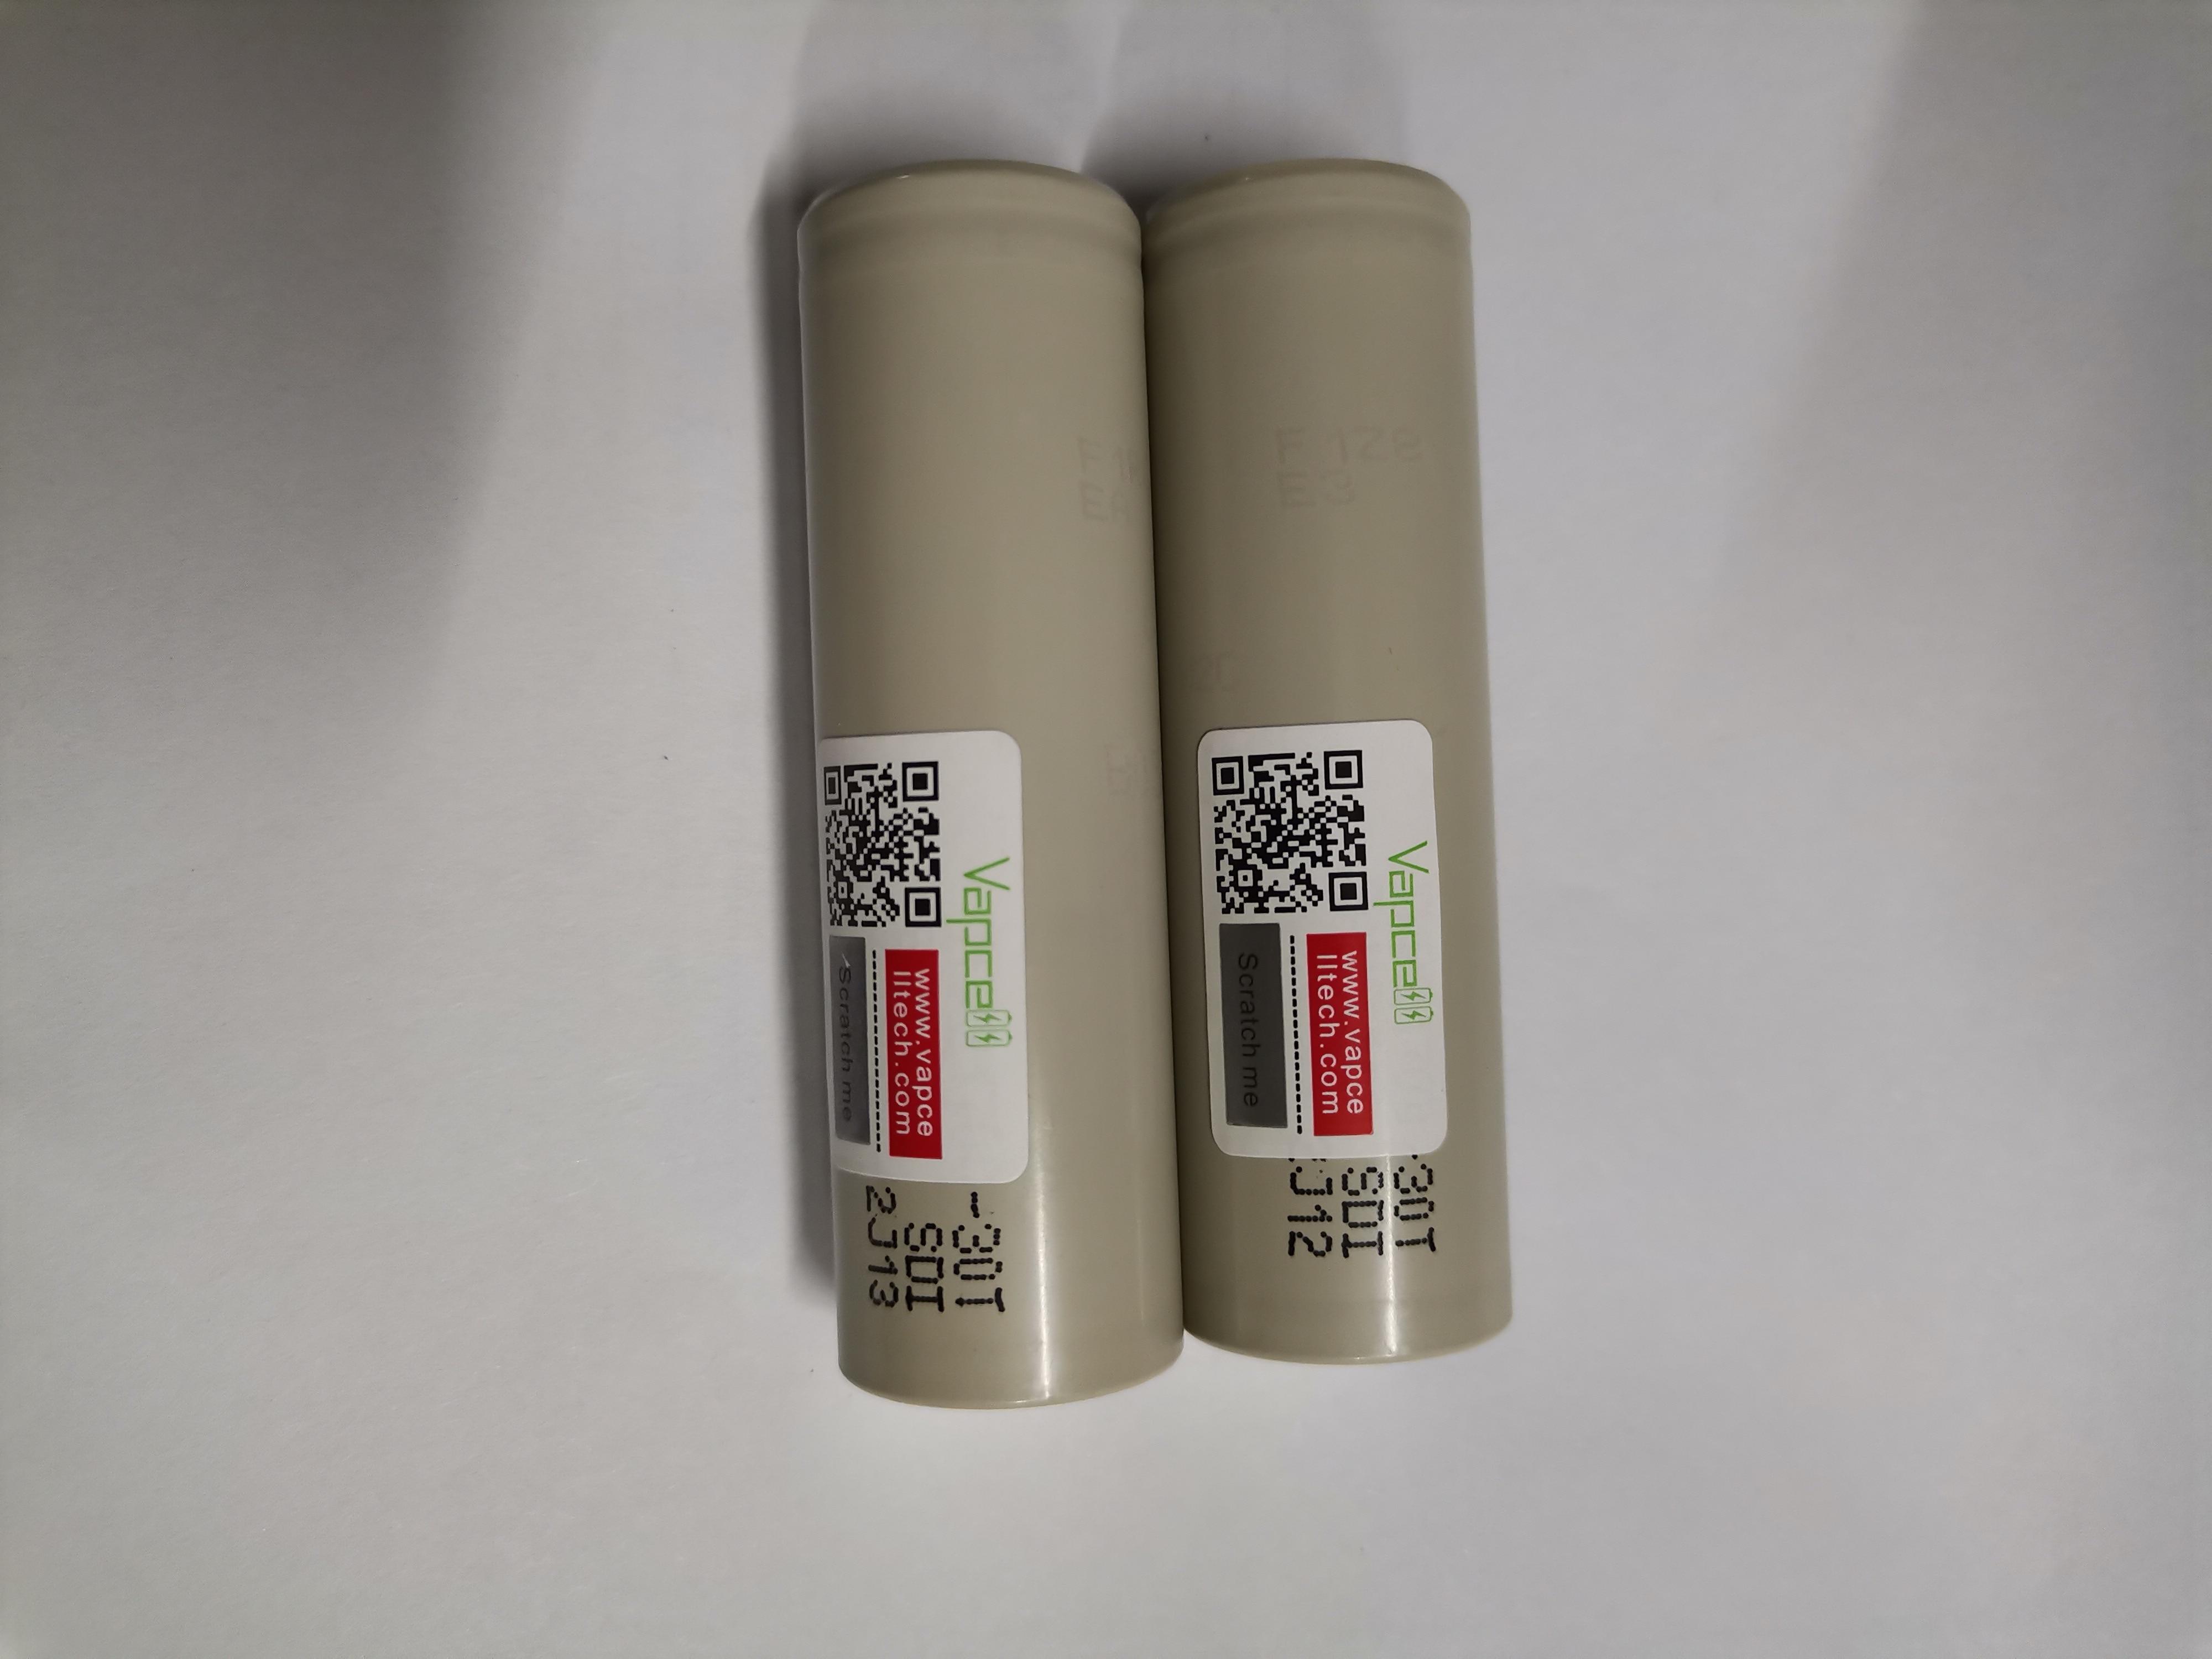 Vapcell-batería de iones para herramientas eléctricas, recargable, Original, 30T, 21700, 3100mah, 35A, 3,7 V, envío gratis